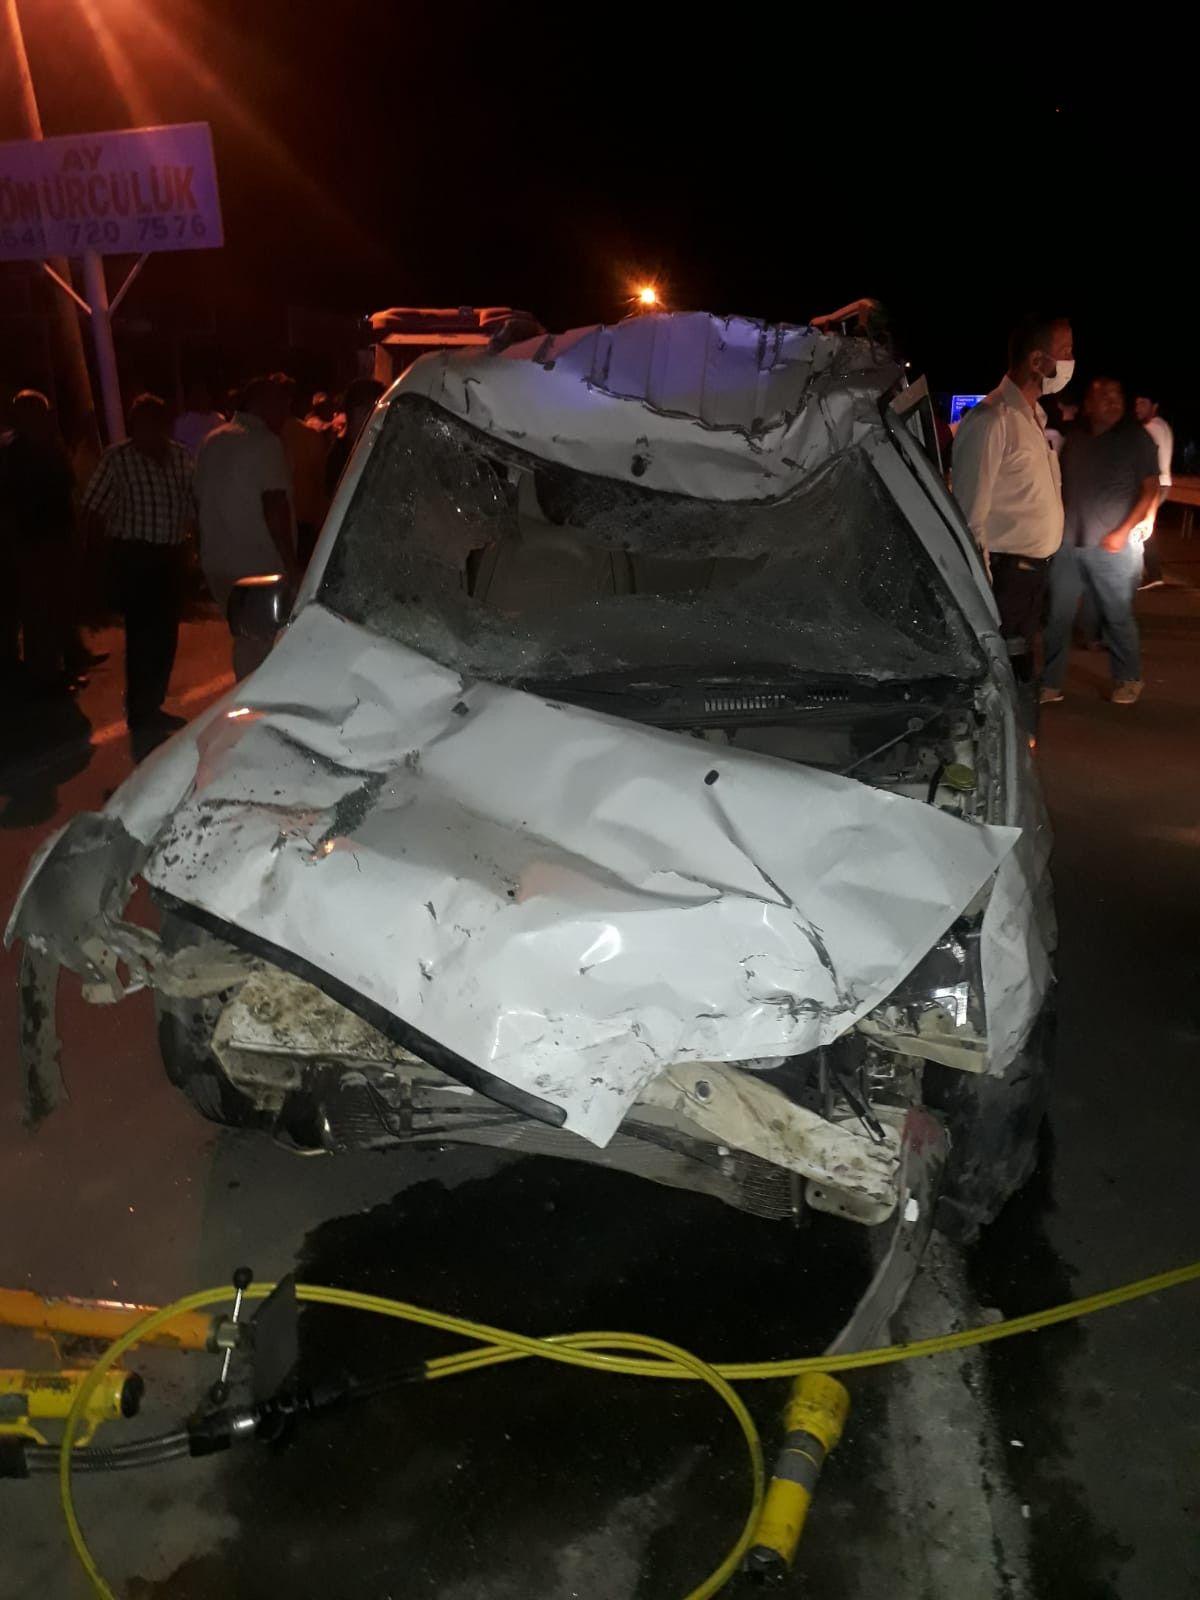 Iğdır'da kaza: 1 ölü, 1 yaralı #2